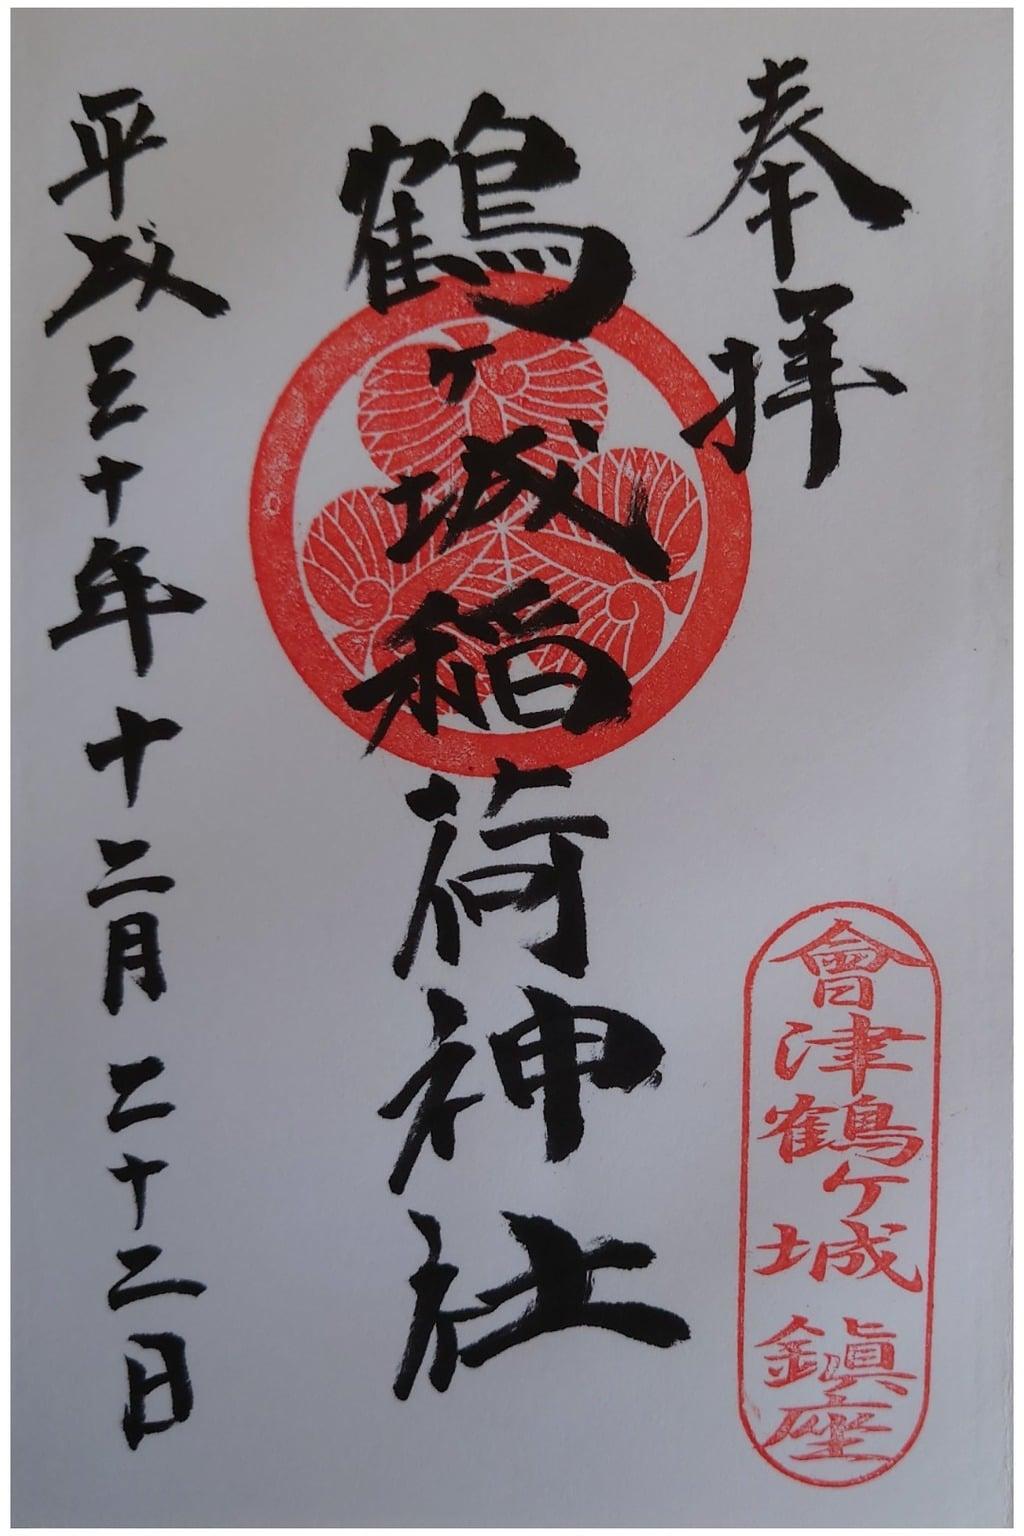 鶴ケ城稲荷神社の御朱印